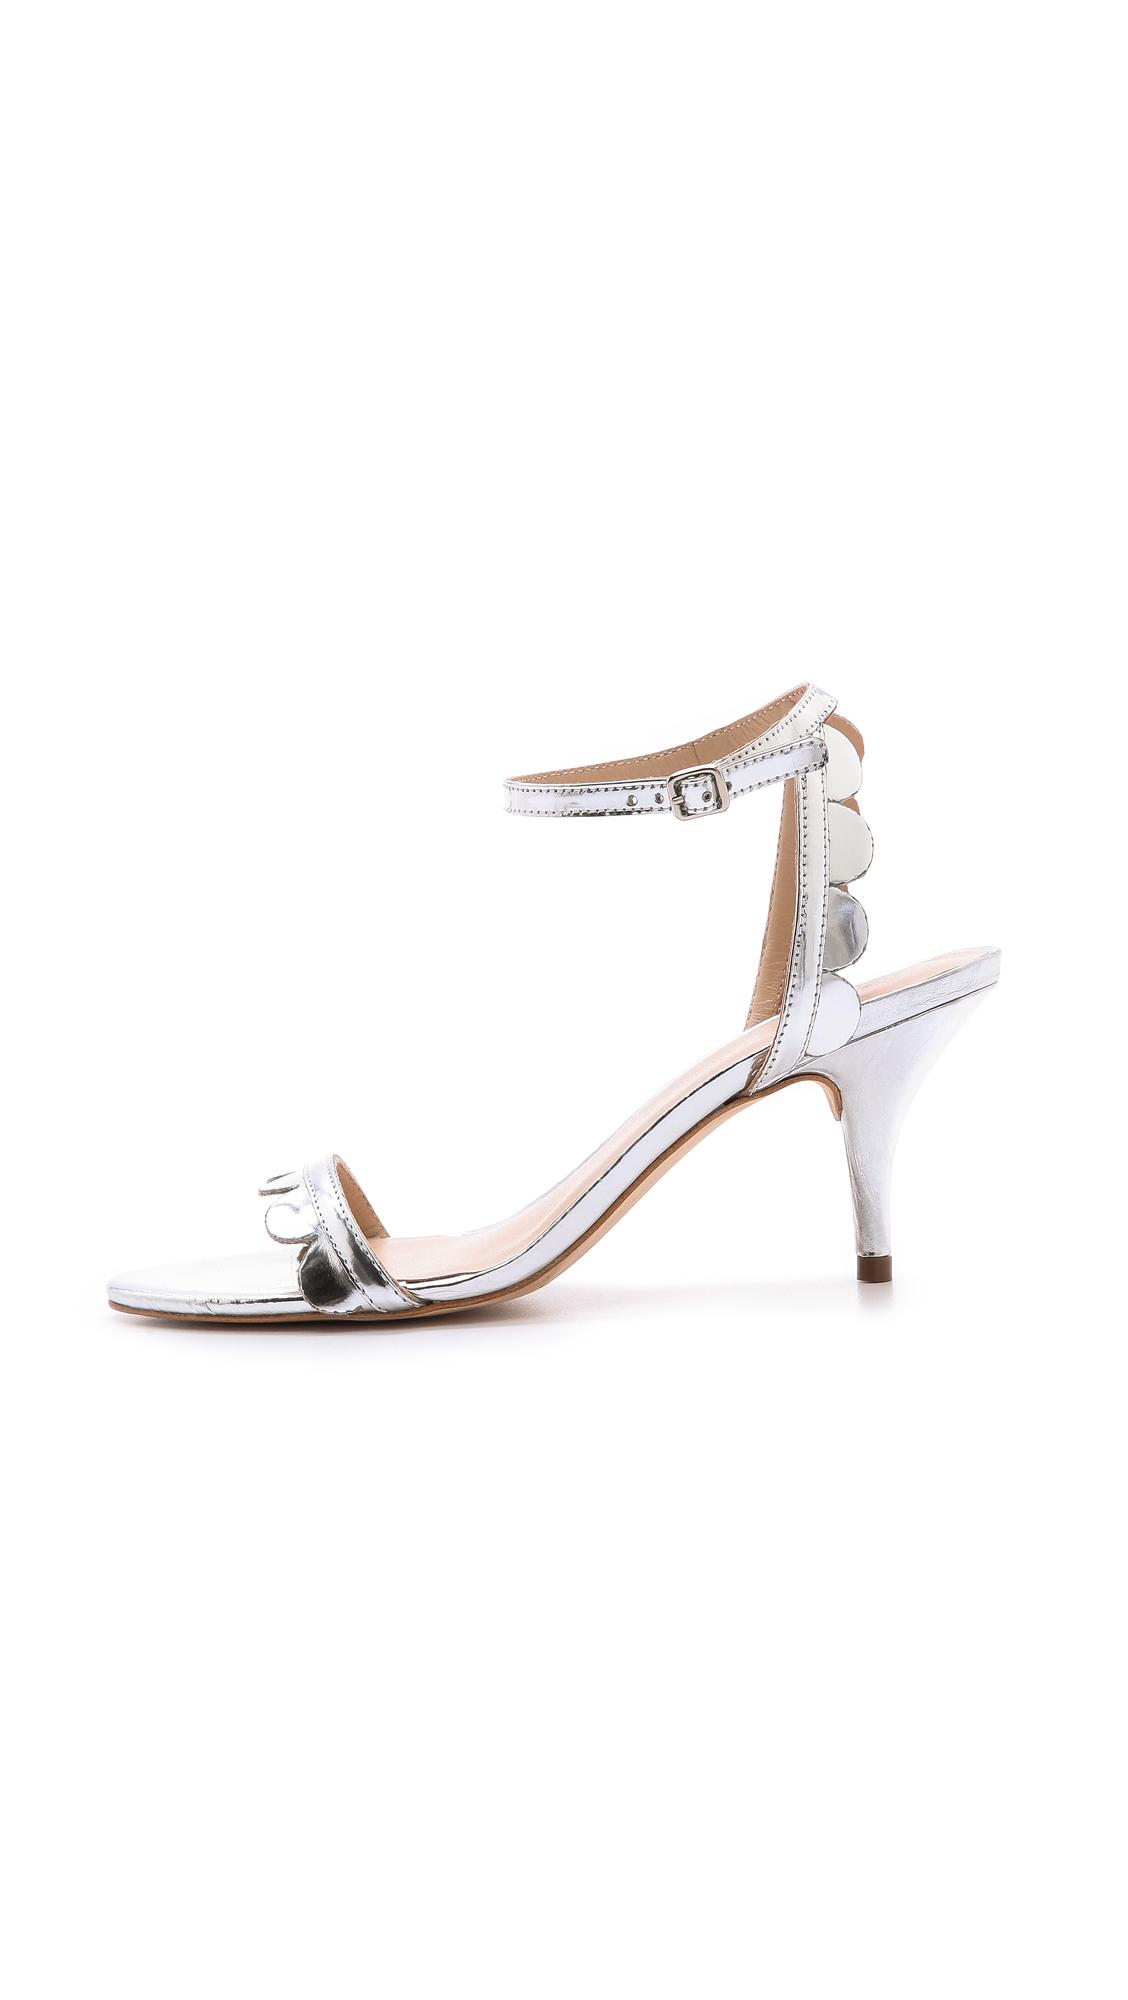 Loeffler randall Lillit Scalloped Kitten Heel Sandals Silver in ...